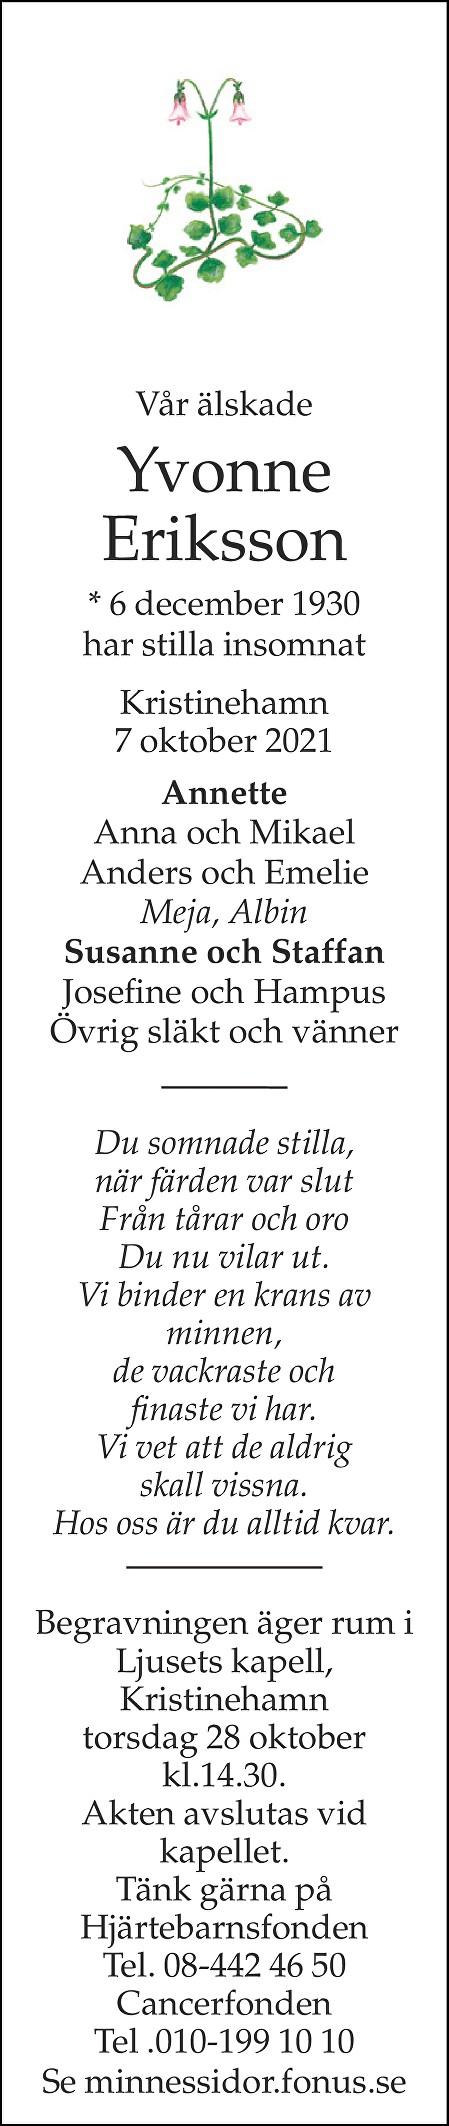 Yvonne Eriksson Death notice